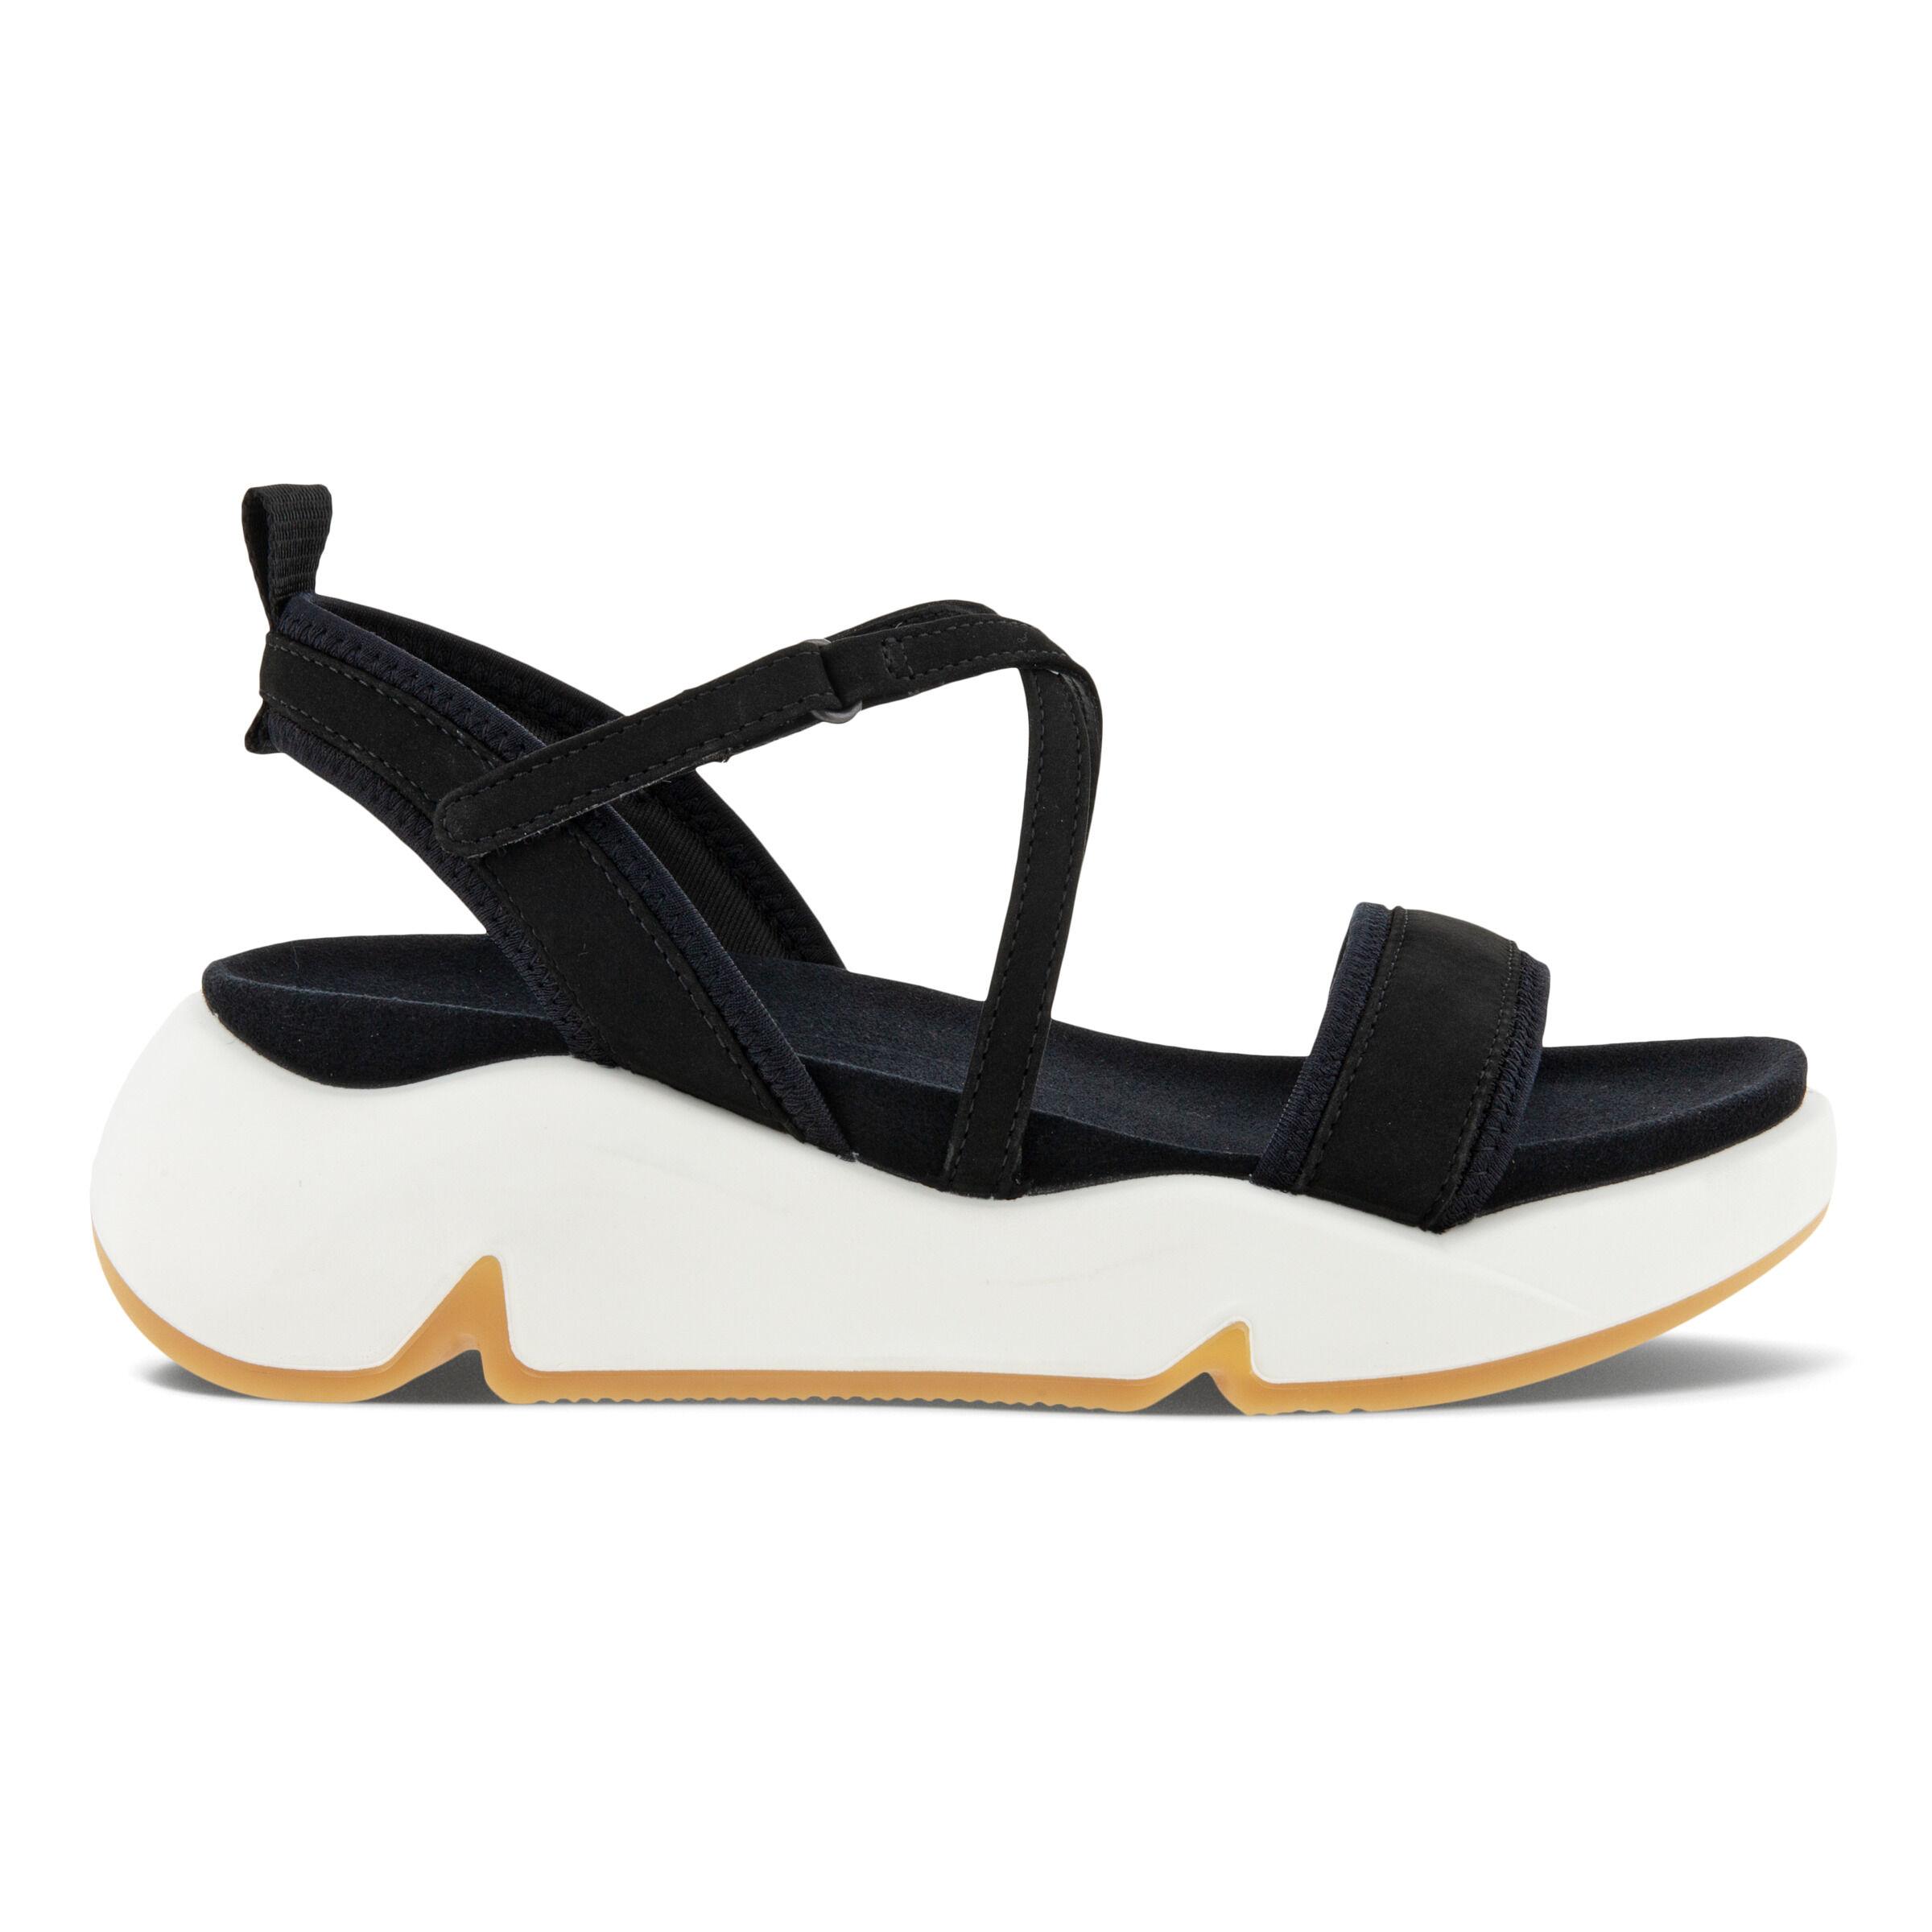 에코 샌들 ECCO CHUNKY Womens Sandals,BLACK/BLACK